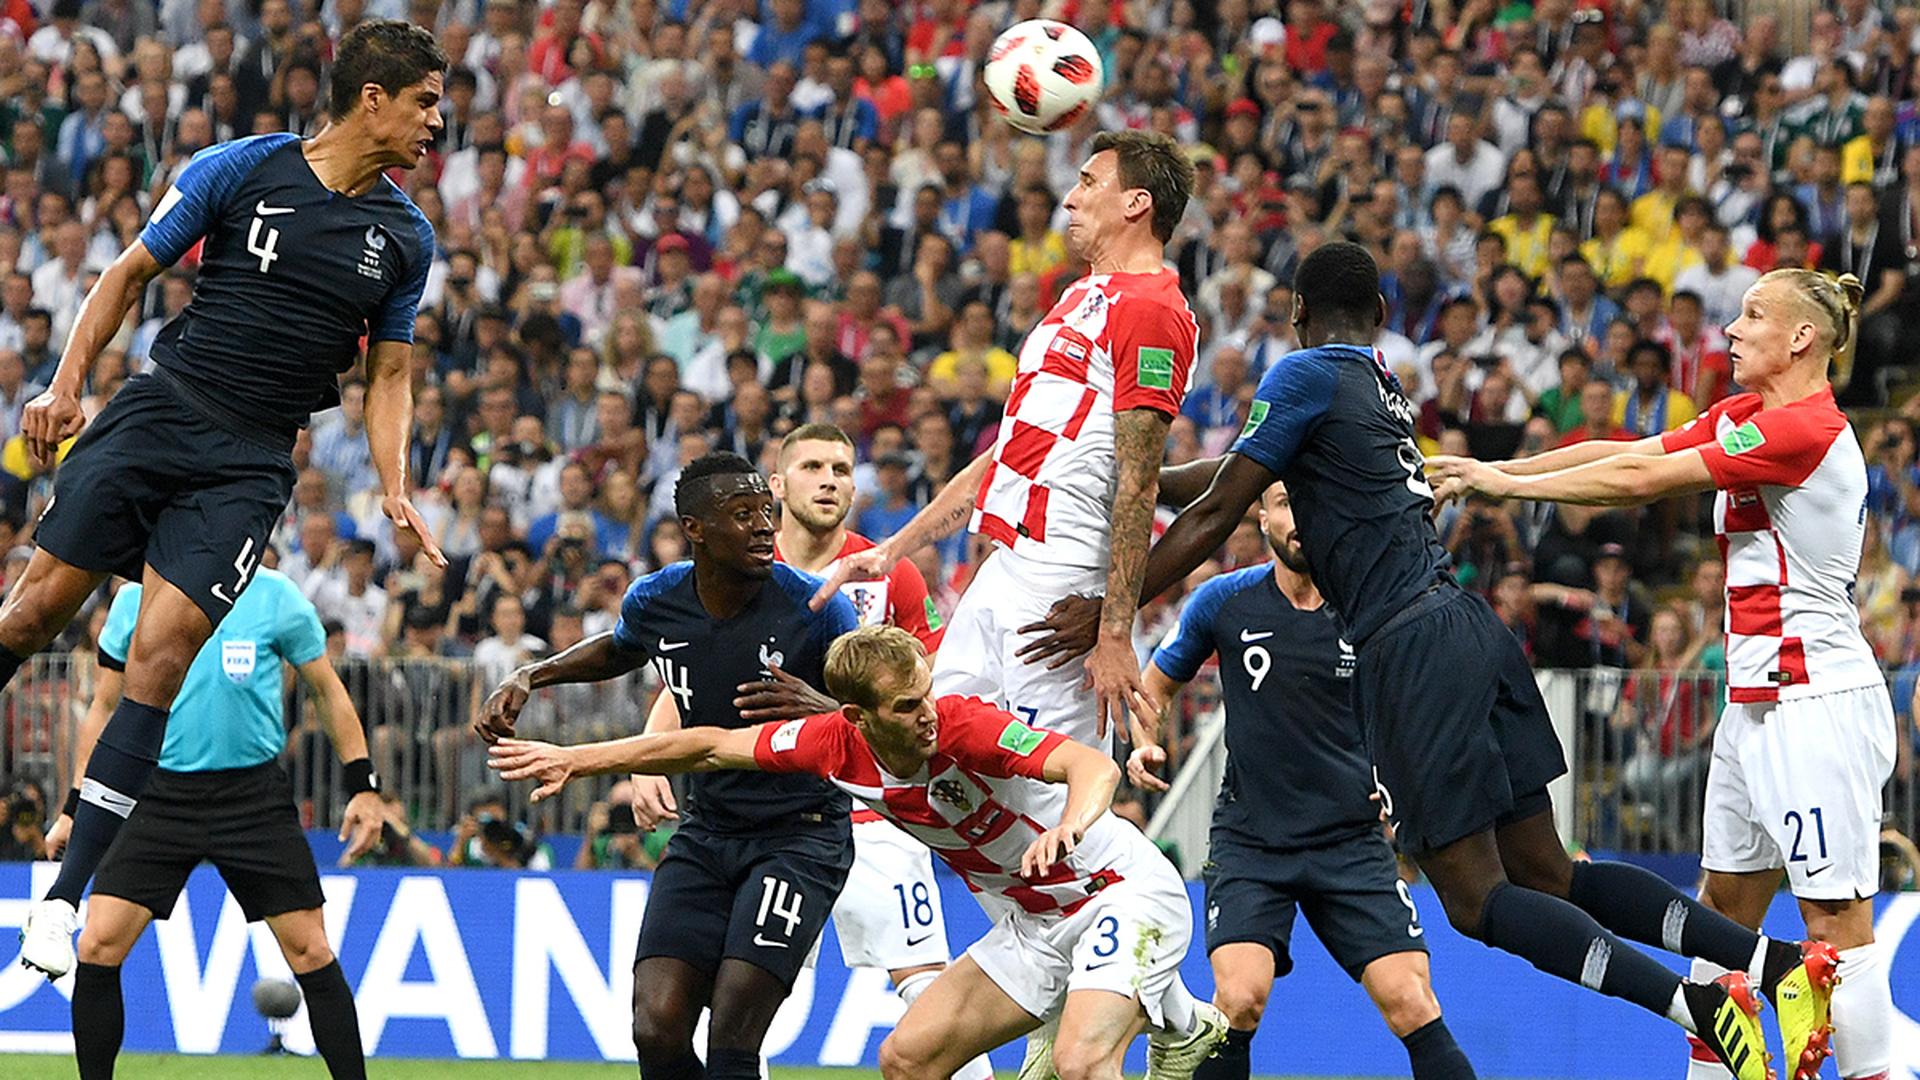 Шевчук: Вважаю, що не потрібно змішувати футбол і політику - изображение 4